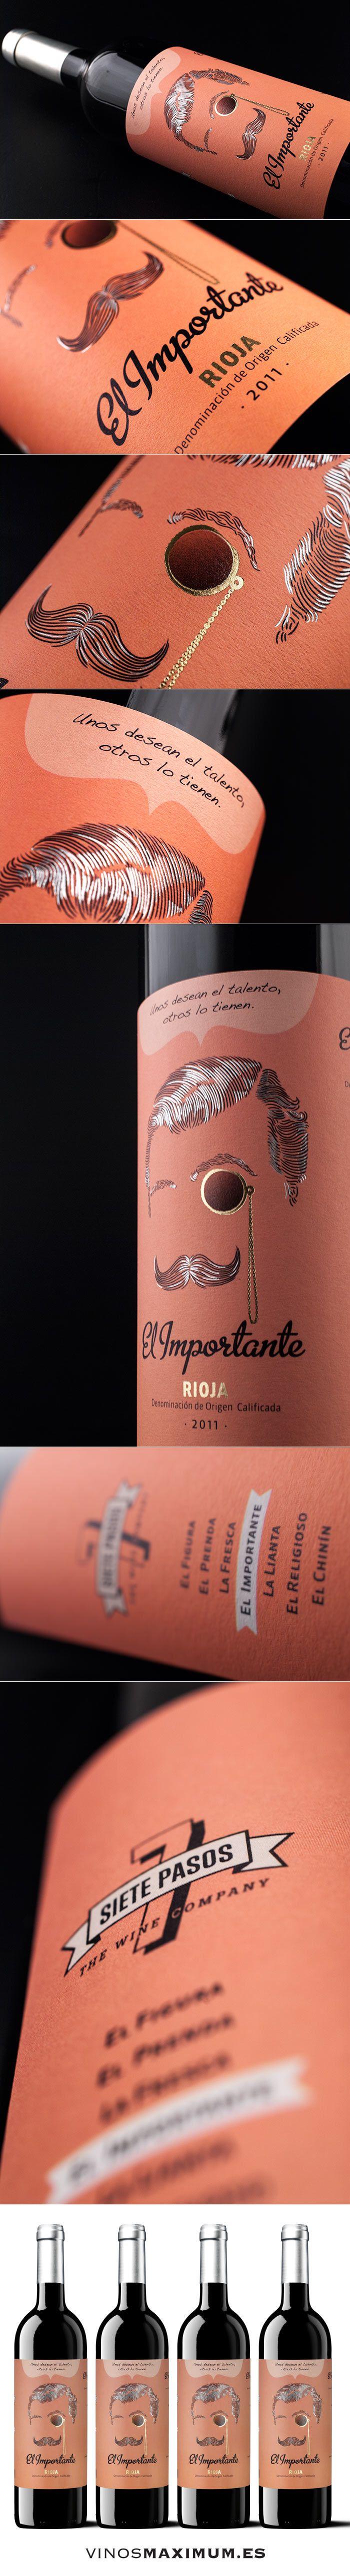 Siete pasos - El Importante - D.O.C. Rioja. Tempranillo 100%. Tinto Crianza…